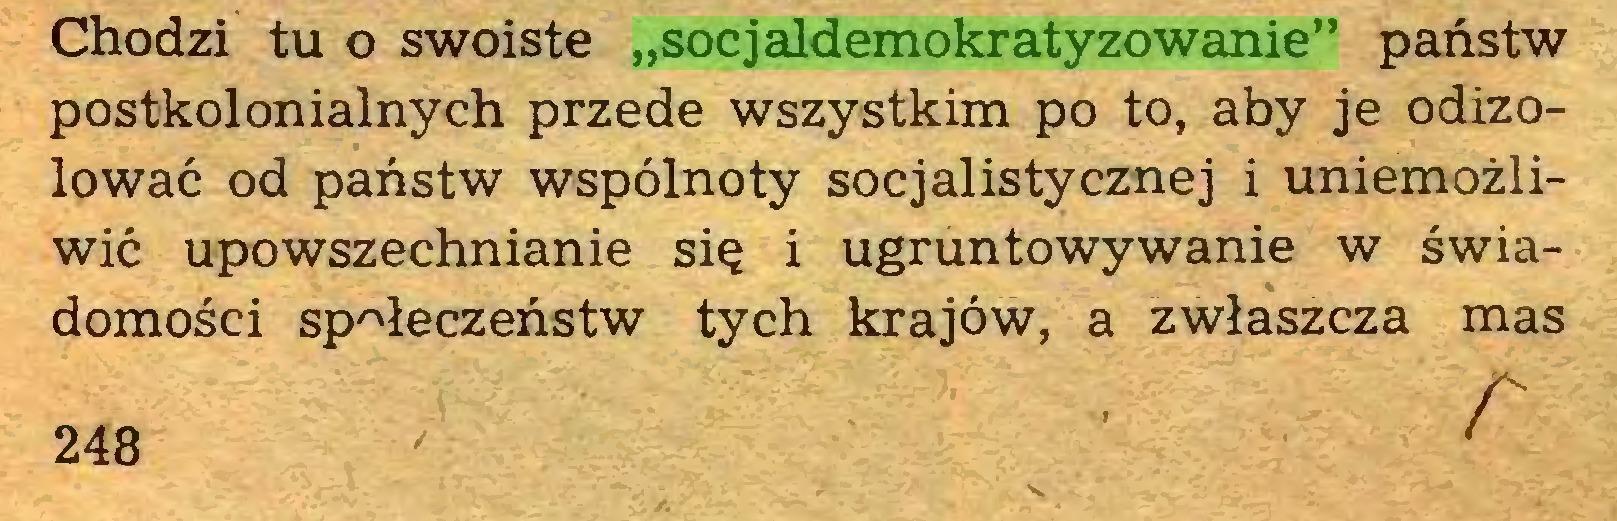 """(...) Chodzi tu o swoiste """"socjaldemokratyzowanie"""" państw postkolonialnych przede wszystkim po to, aby je odizolować od państw wspólnoty socjalistycznej i uniemożliwić upowszechnianie się i ugruntowywanie w świadomości społeczeństw tych krajów, a zwłaszcza mas r 248..."""